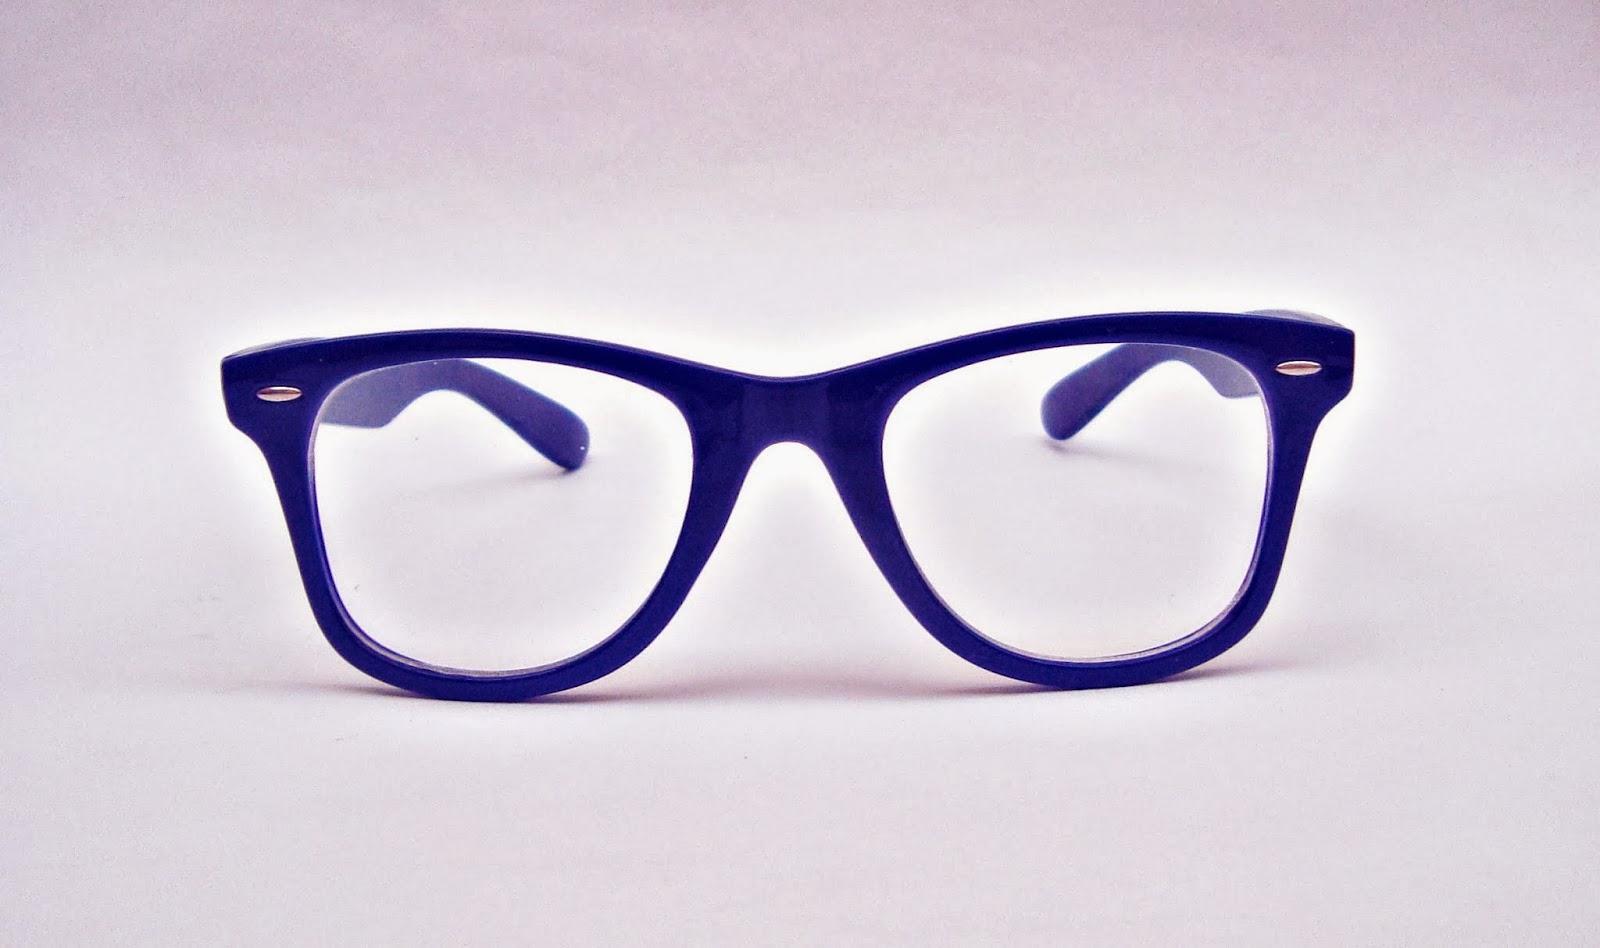 Comprar Oculos Ray Ban Na China « Heritage Malta d022211cf8